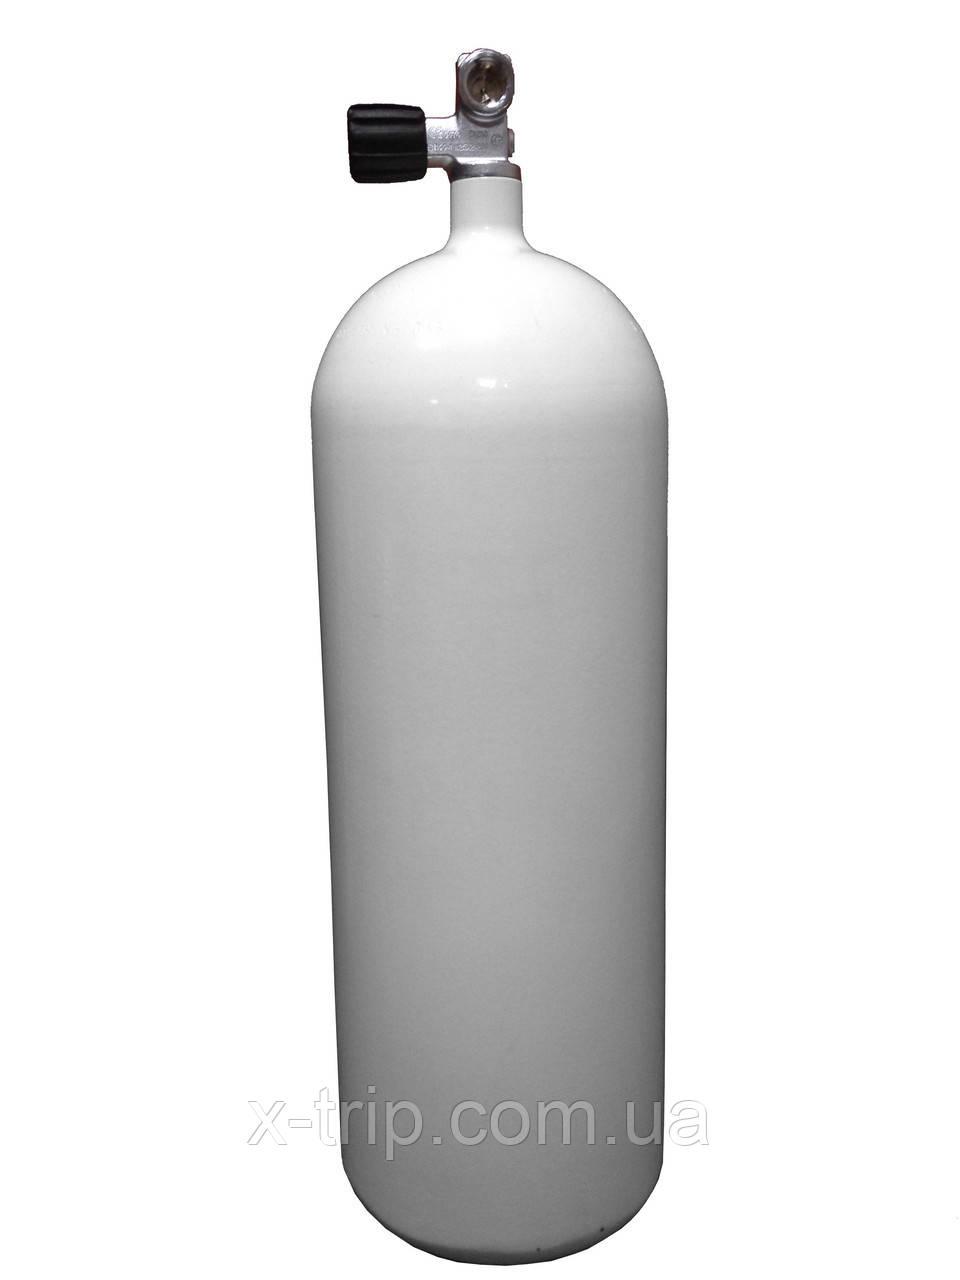 Баллон для дайвинга 15 литров 230 Bar, 171 мм с вентилем Concave